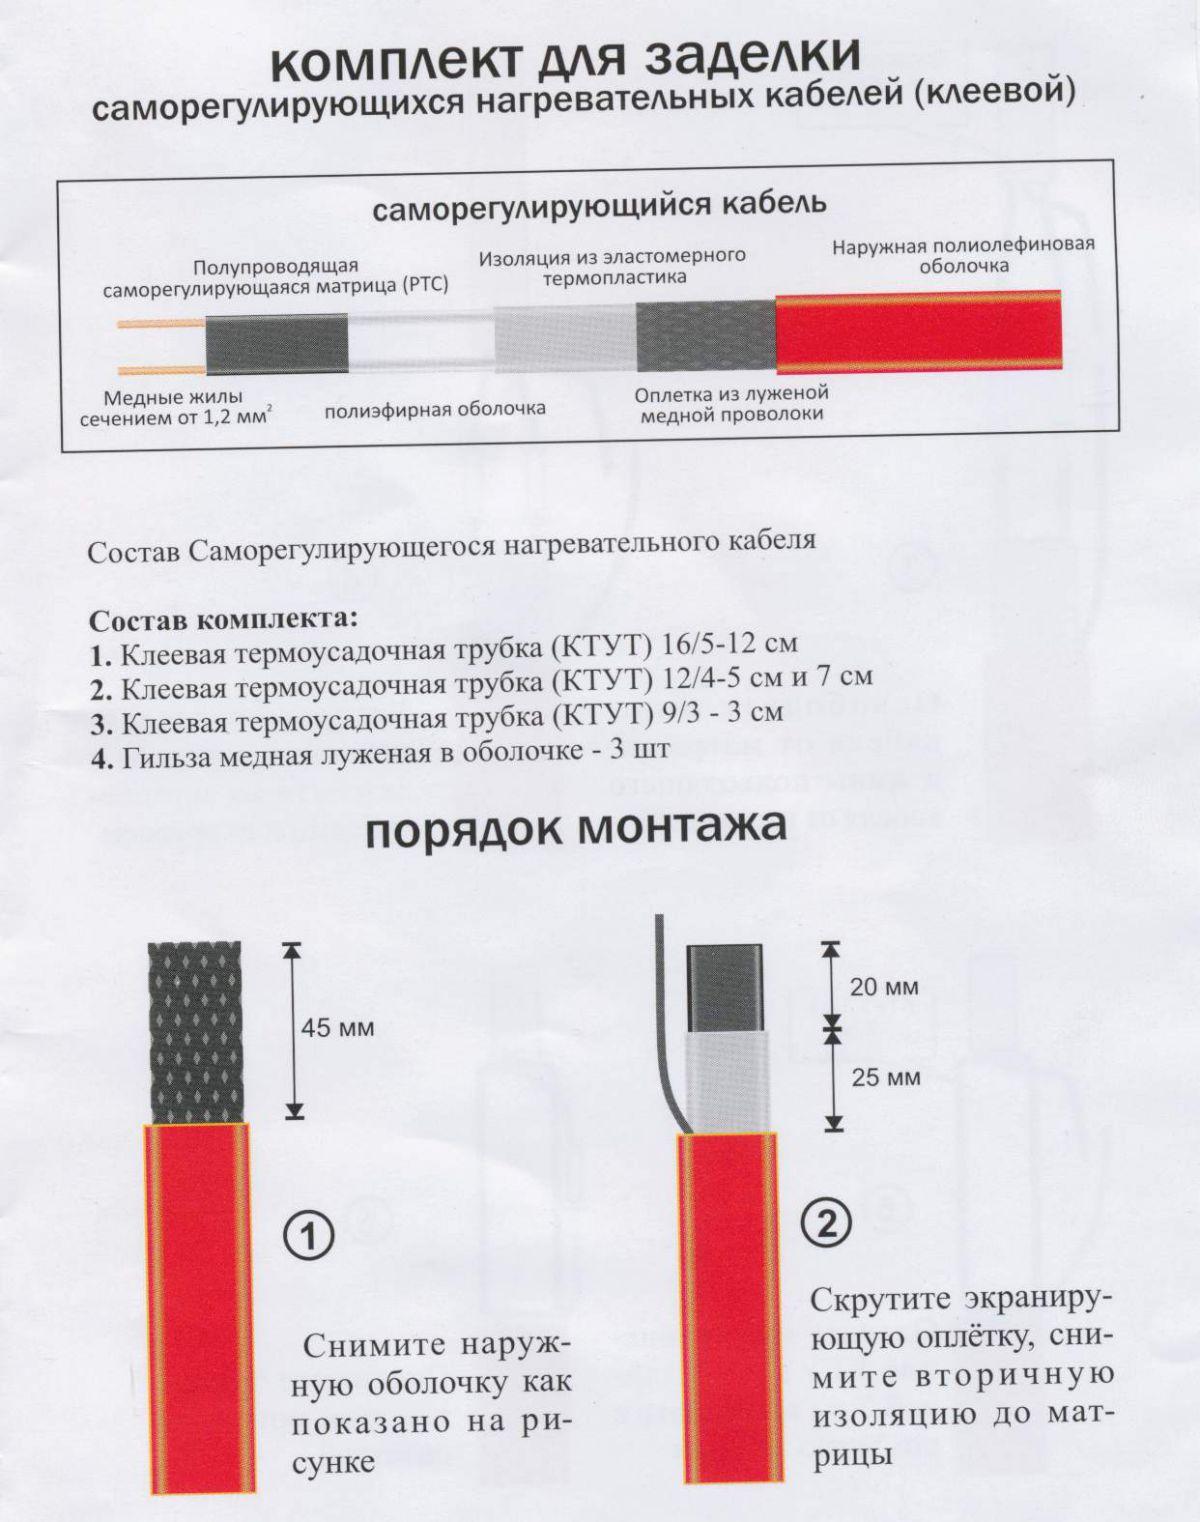 Саморегулирующийся греющий кабель. Виды греющих кабелей, конструкция и применение 2703